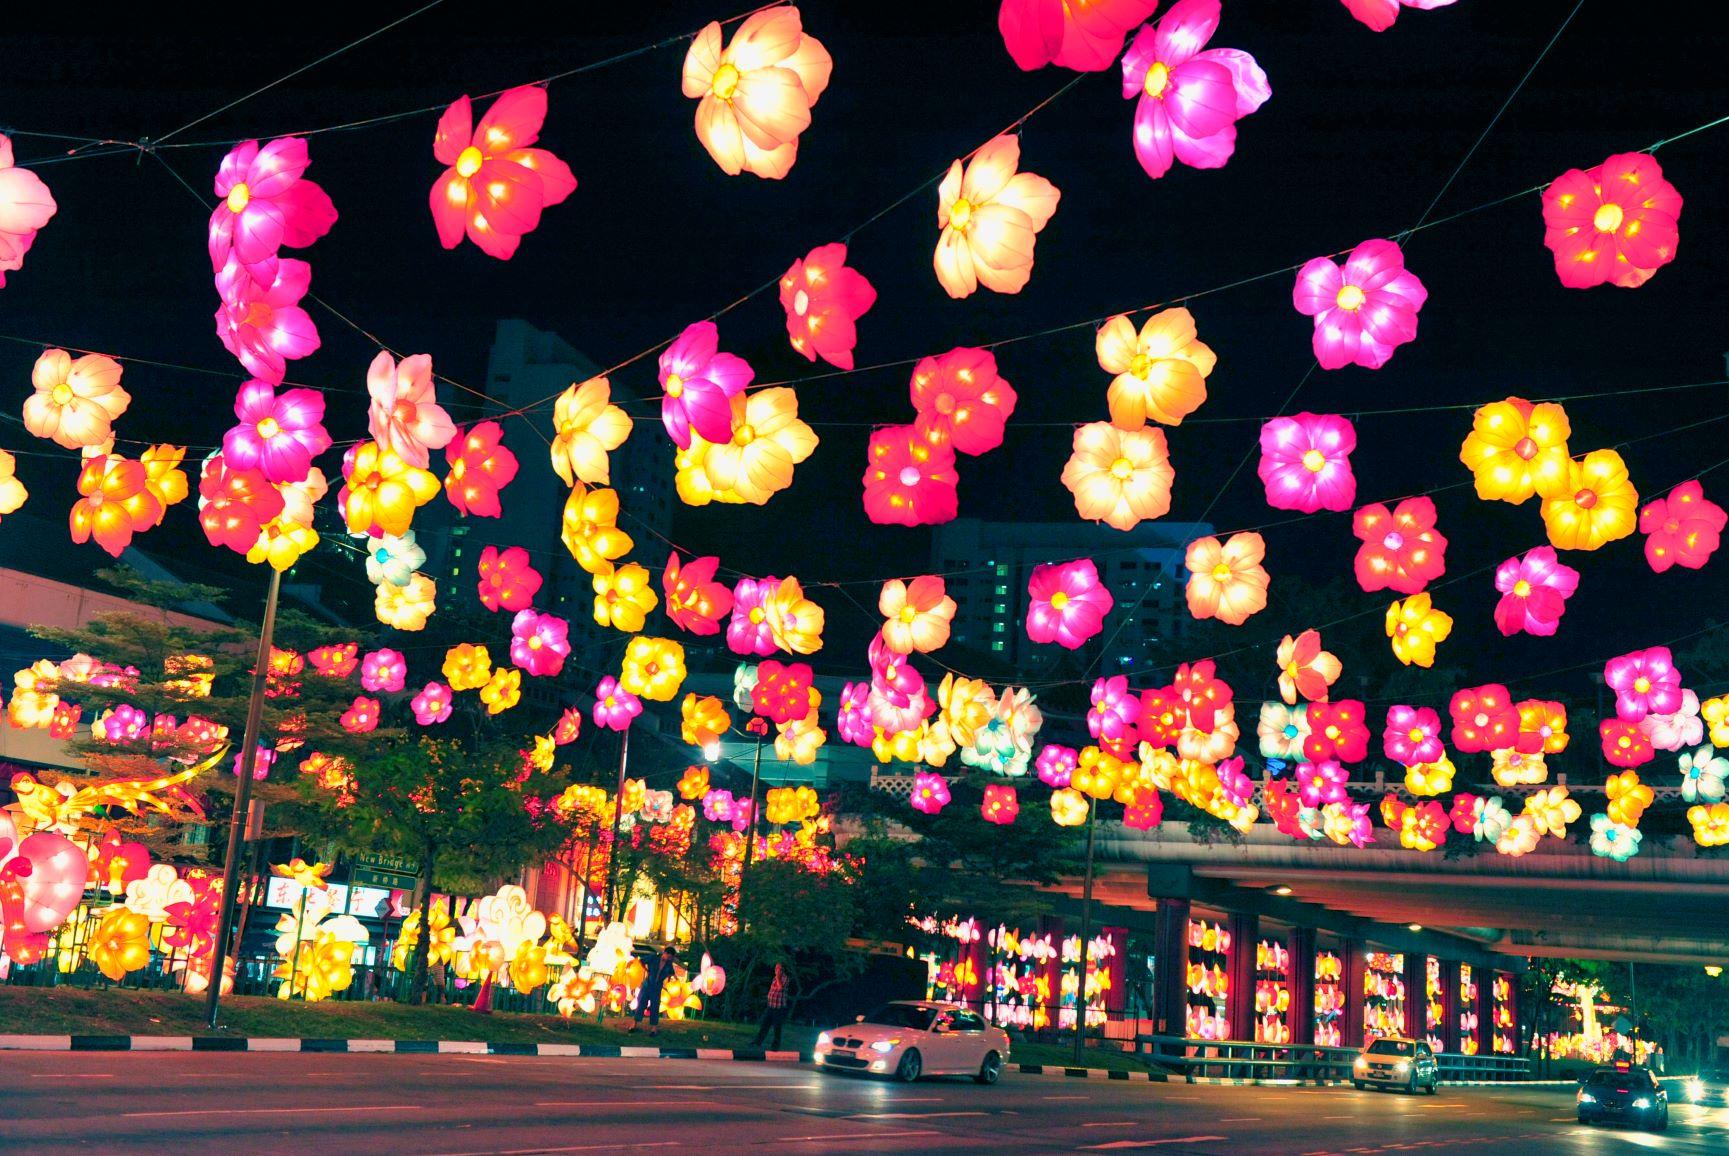 Chinatown Mid-Autumn Festival 2018 Street Light Up- Arts